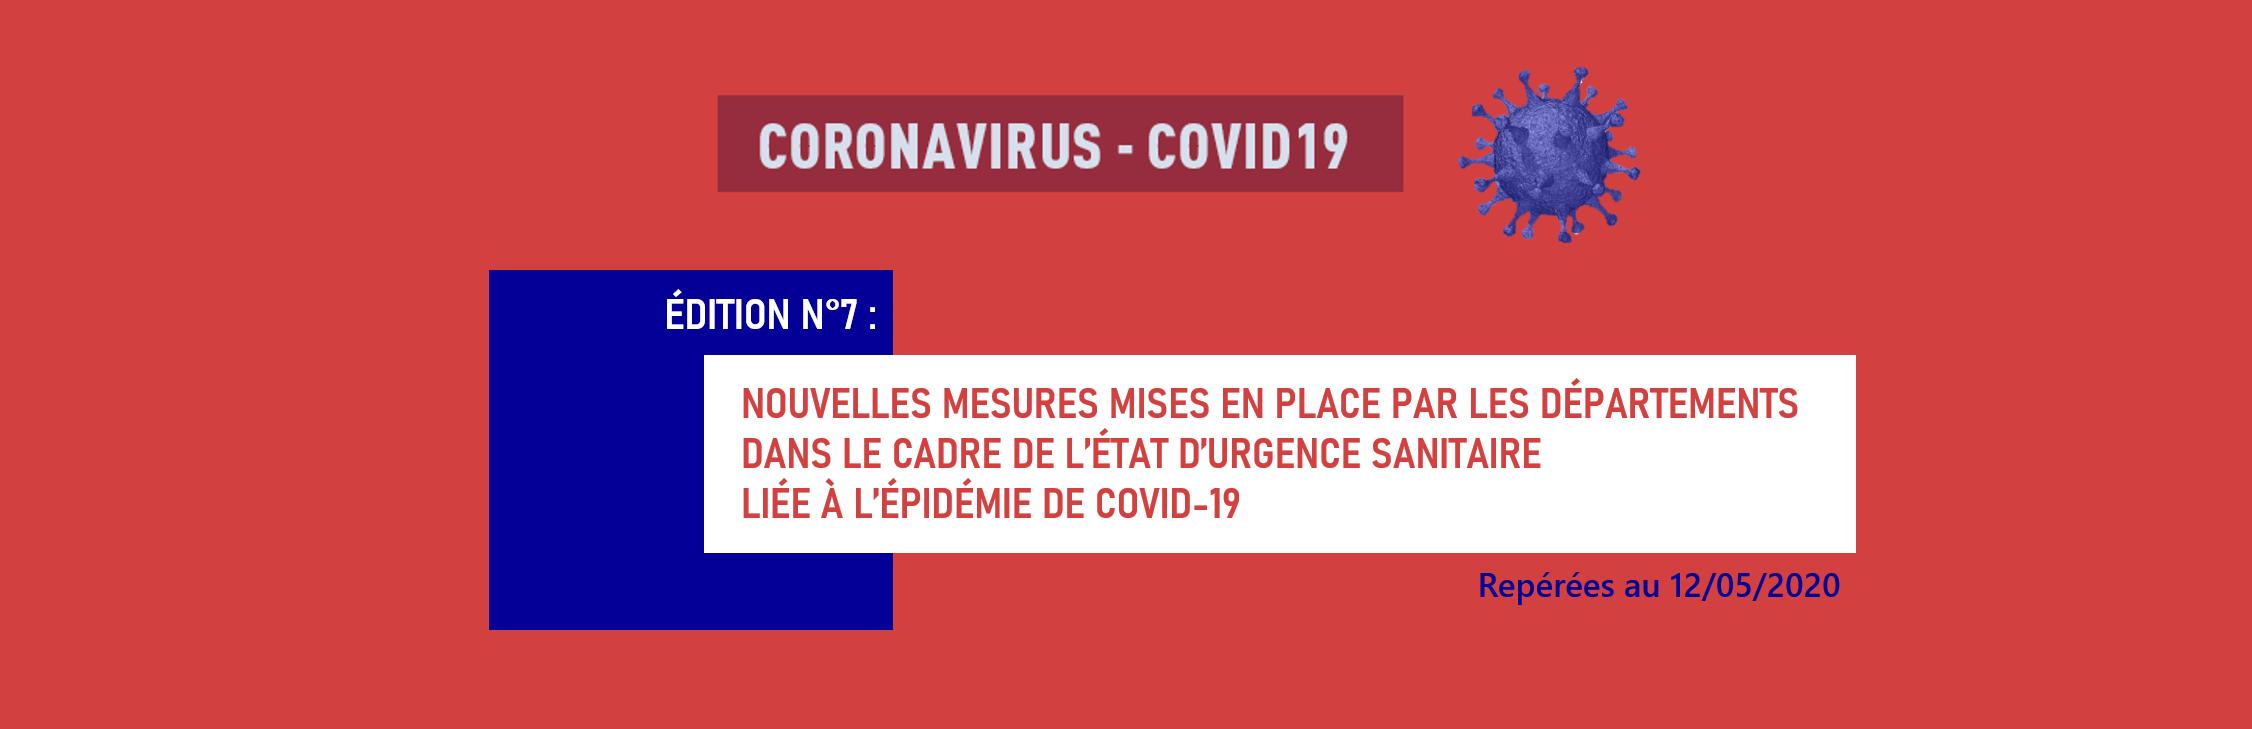 Edition n° 7 : Les nouvelles mesures mises en place par les Départements dans le cadre de l'état d'urgence sanitaire liée à l'épidémie de covid-19